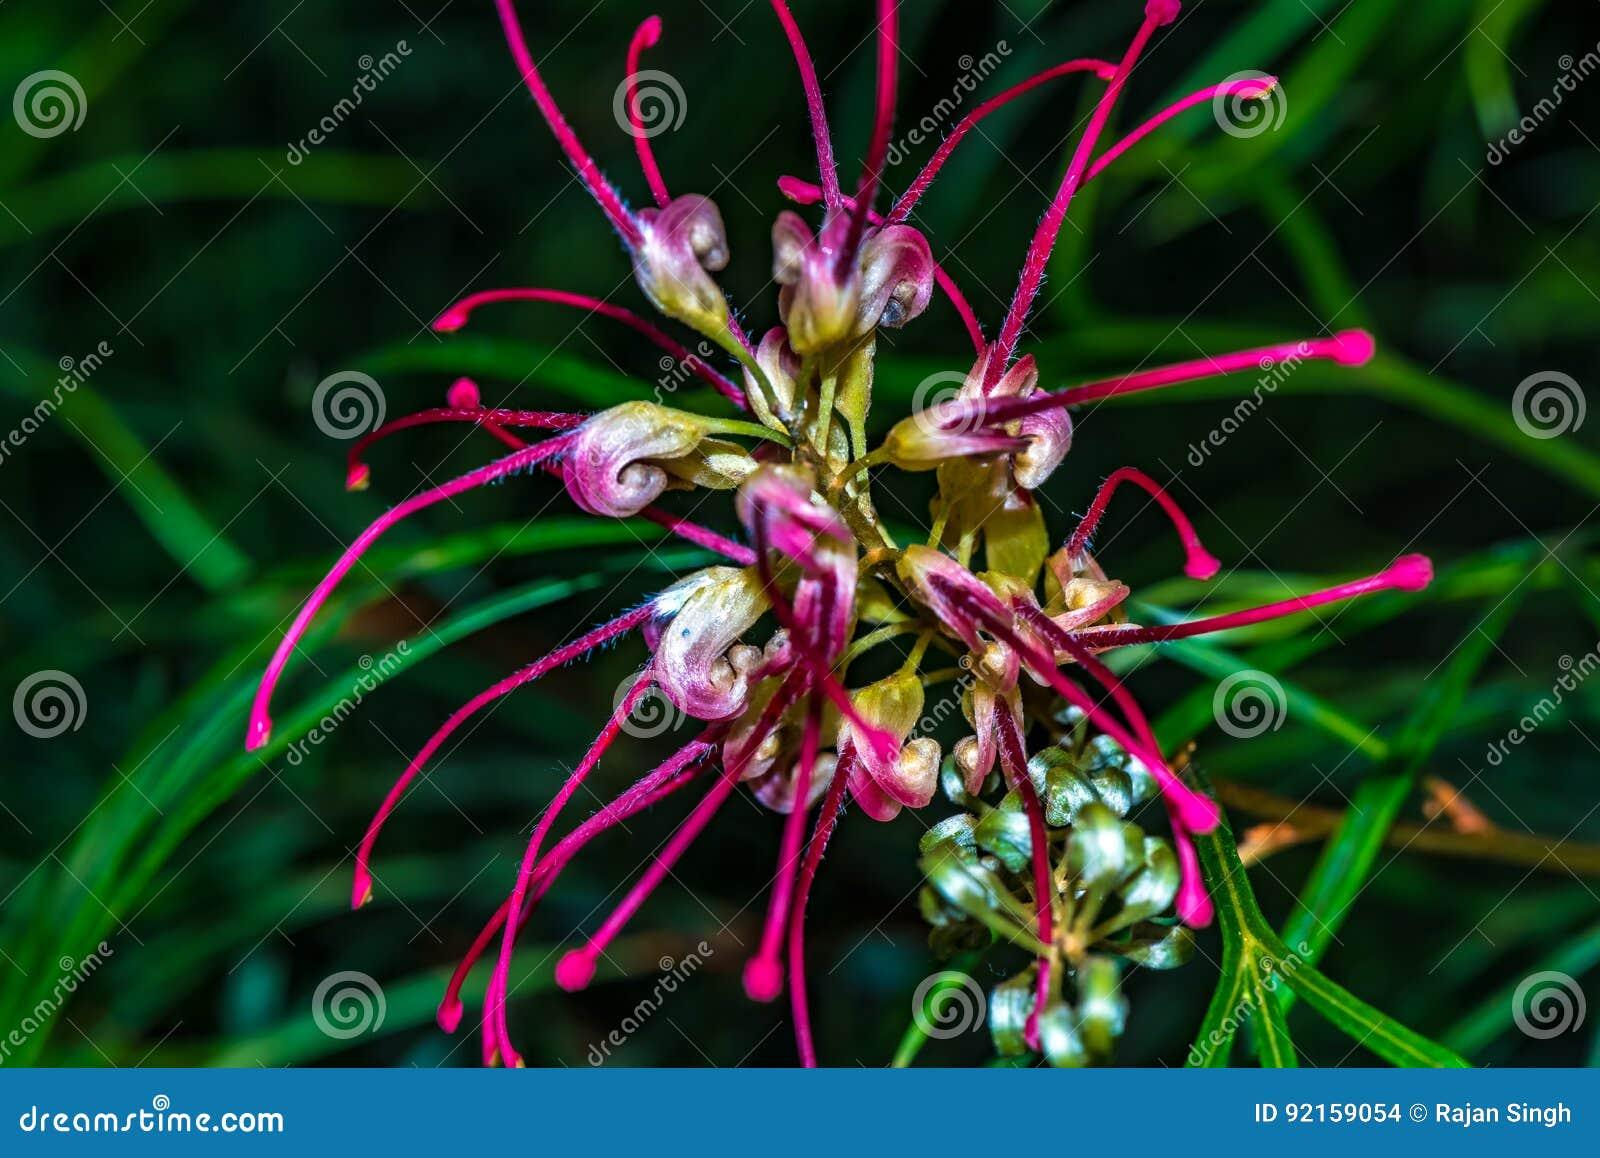 Grevillea Firesprite Dekoracyjny kwiat